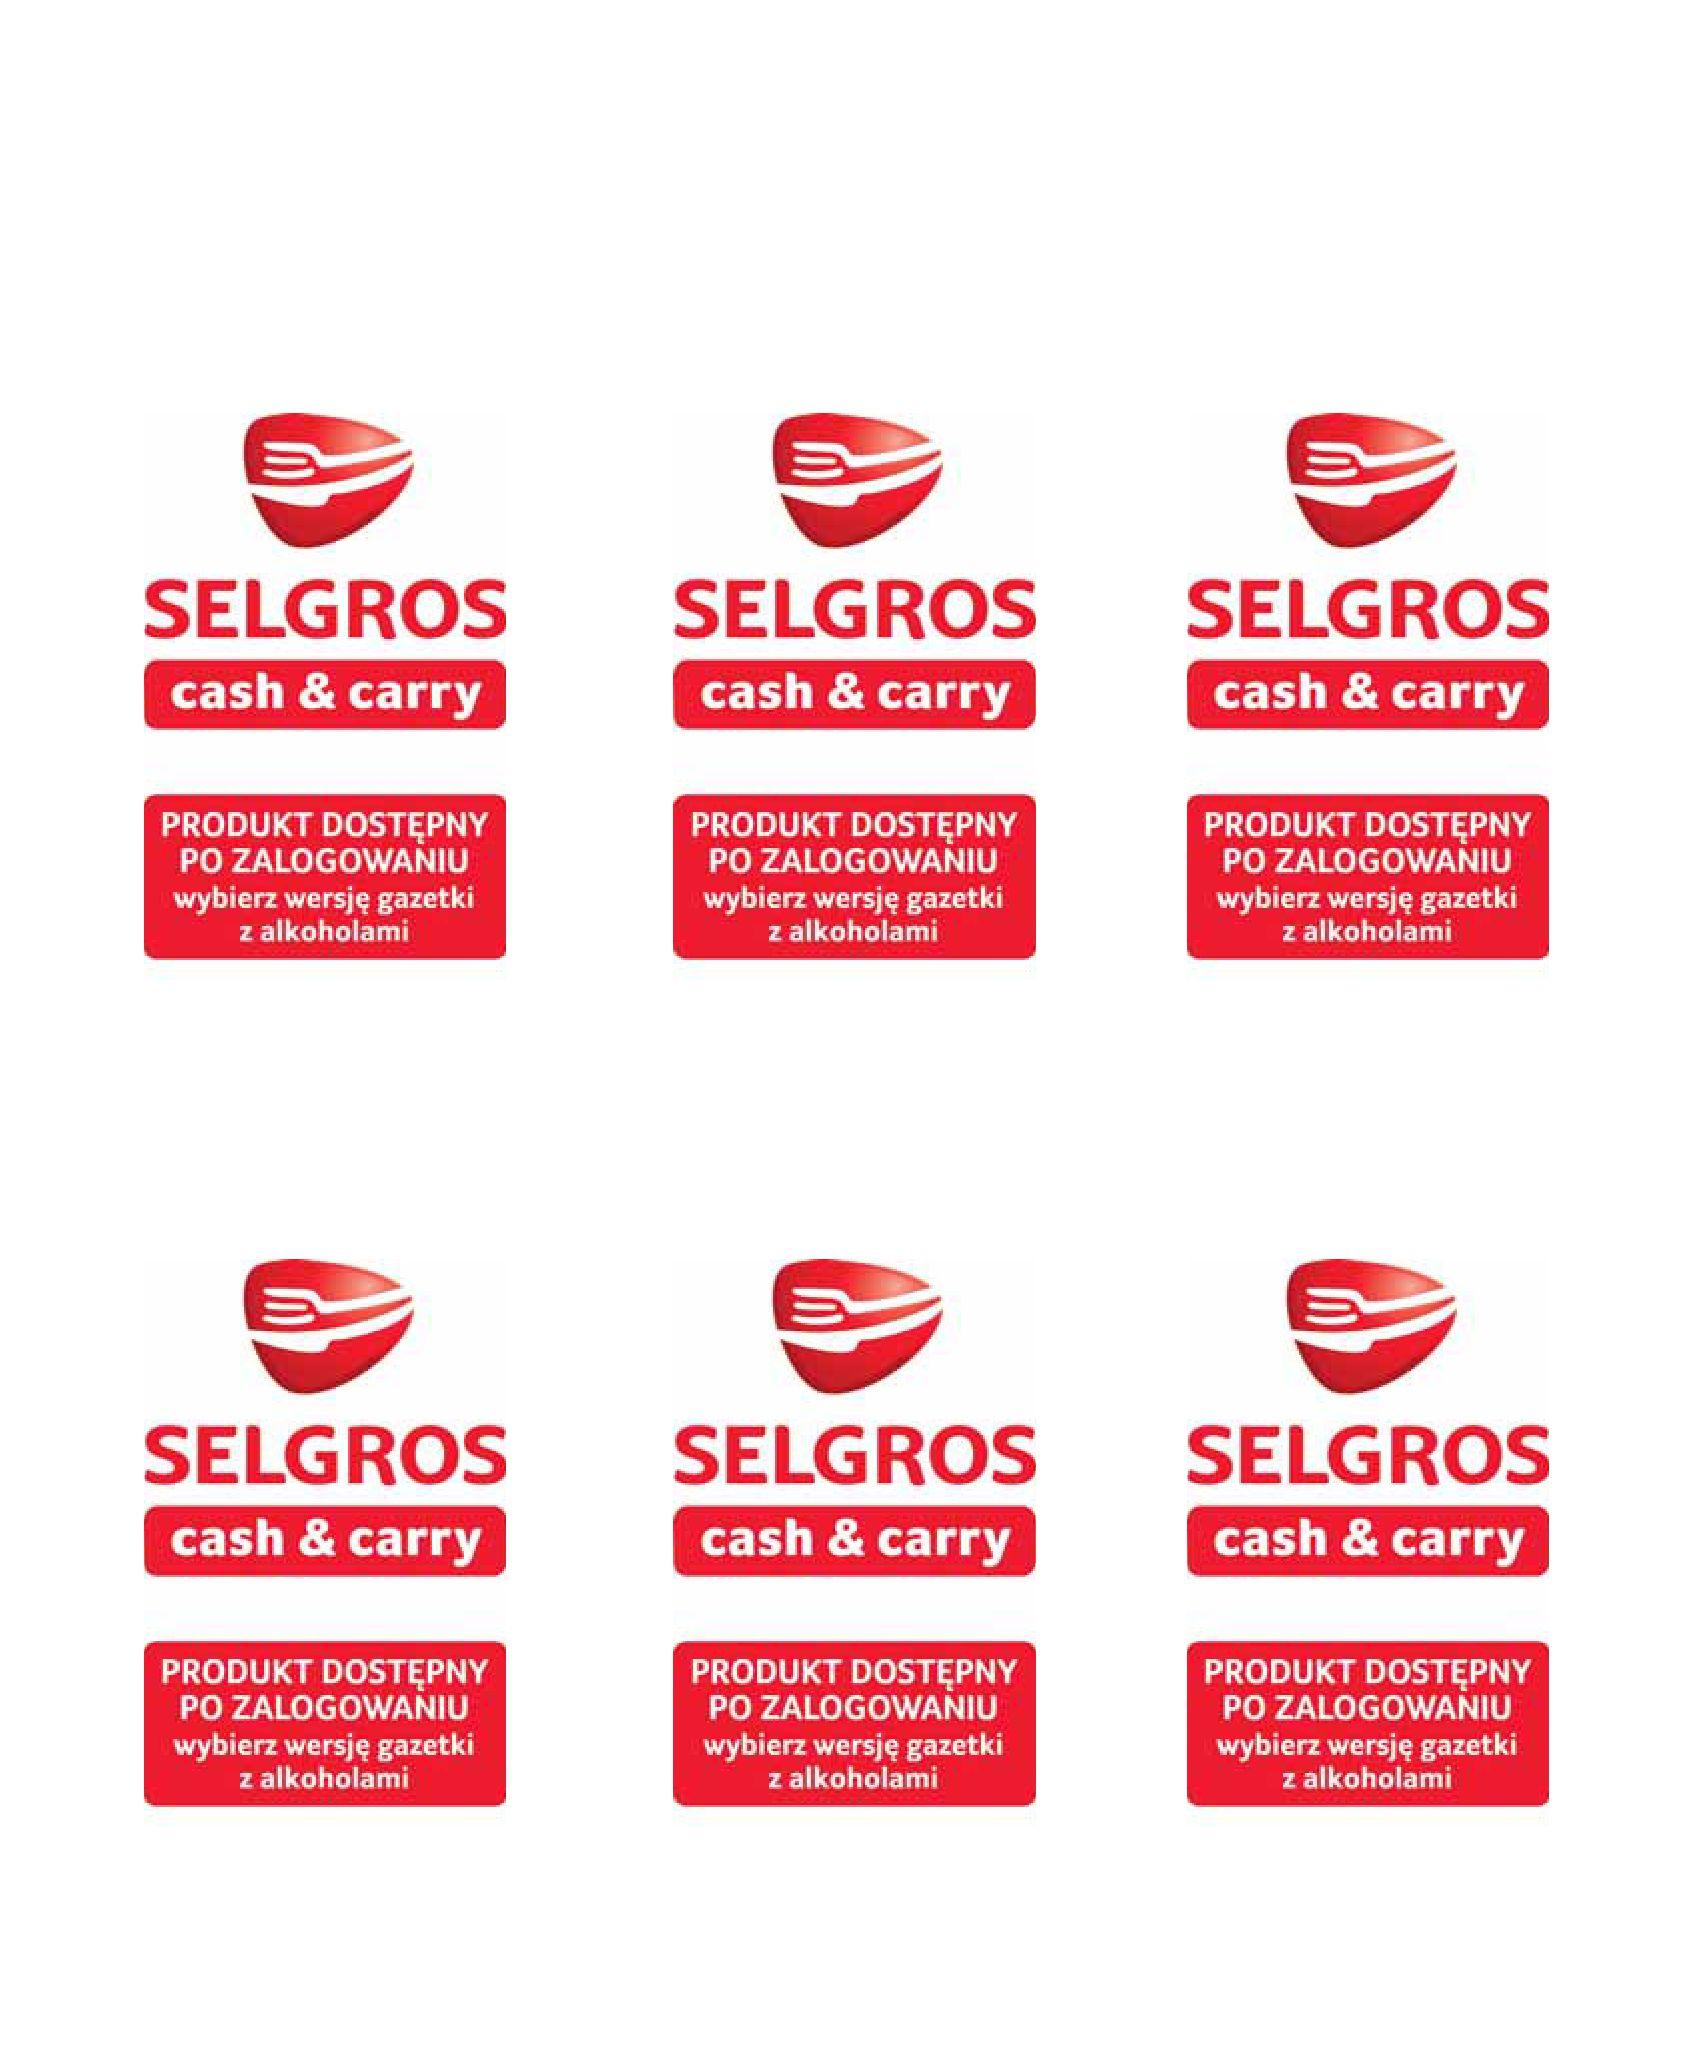 Gazetka Selgros - Oferta spożywcza-18.11.2020-02.12.2020-page-38